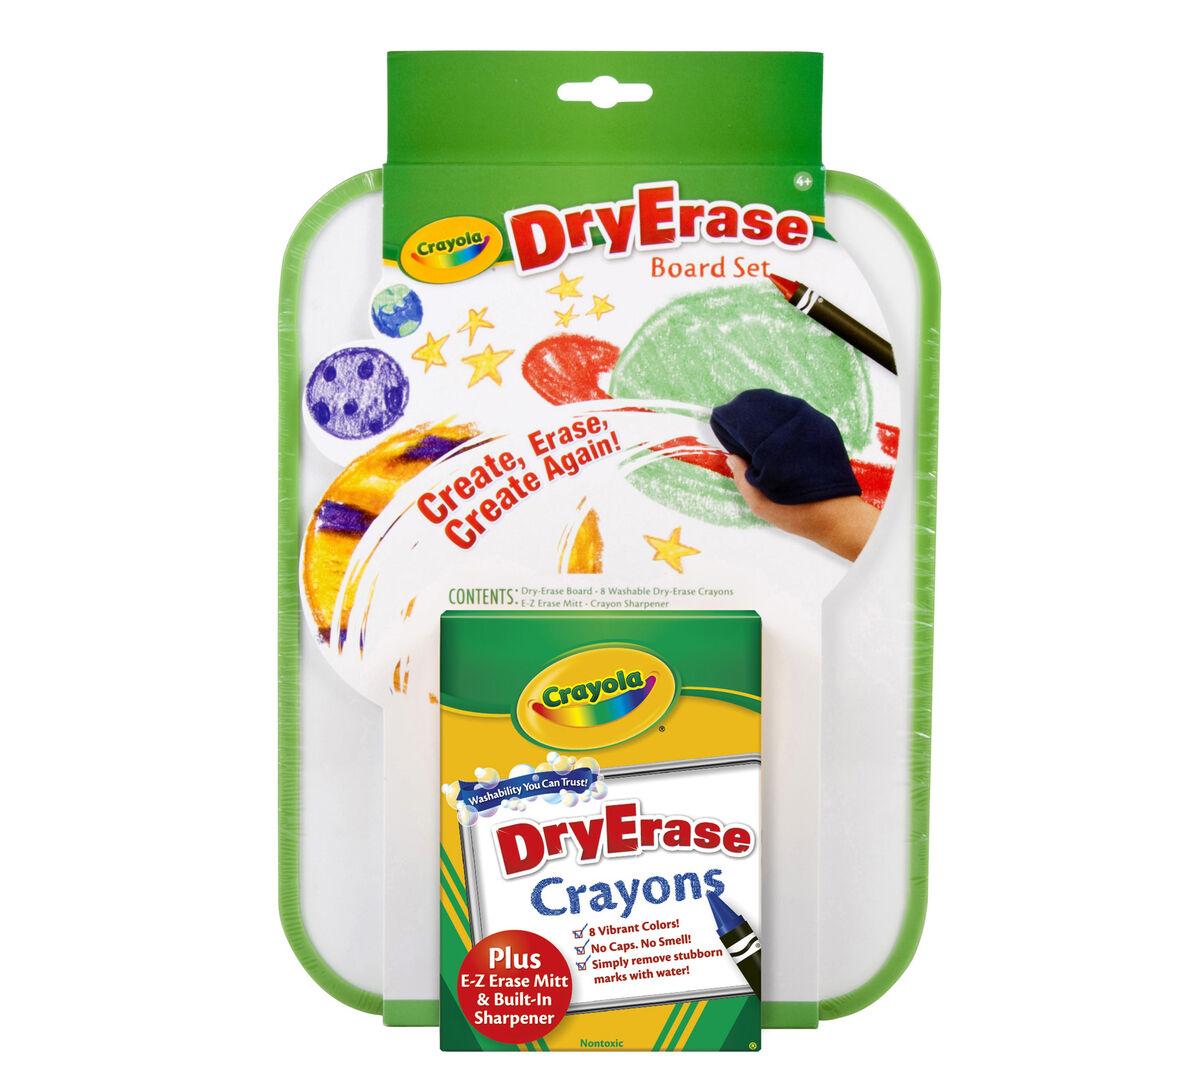 Dry-Erase Crayon Board Set